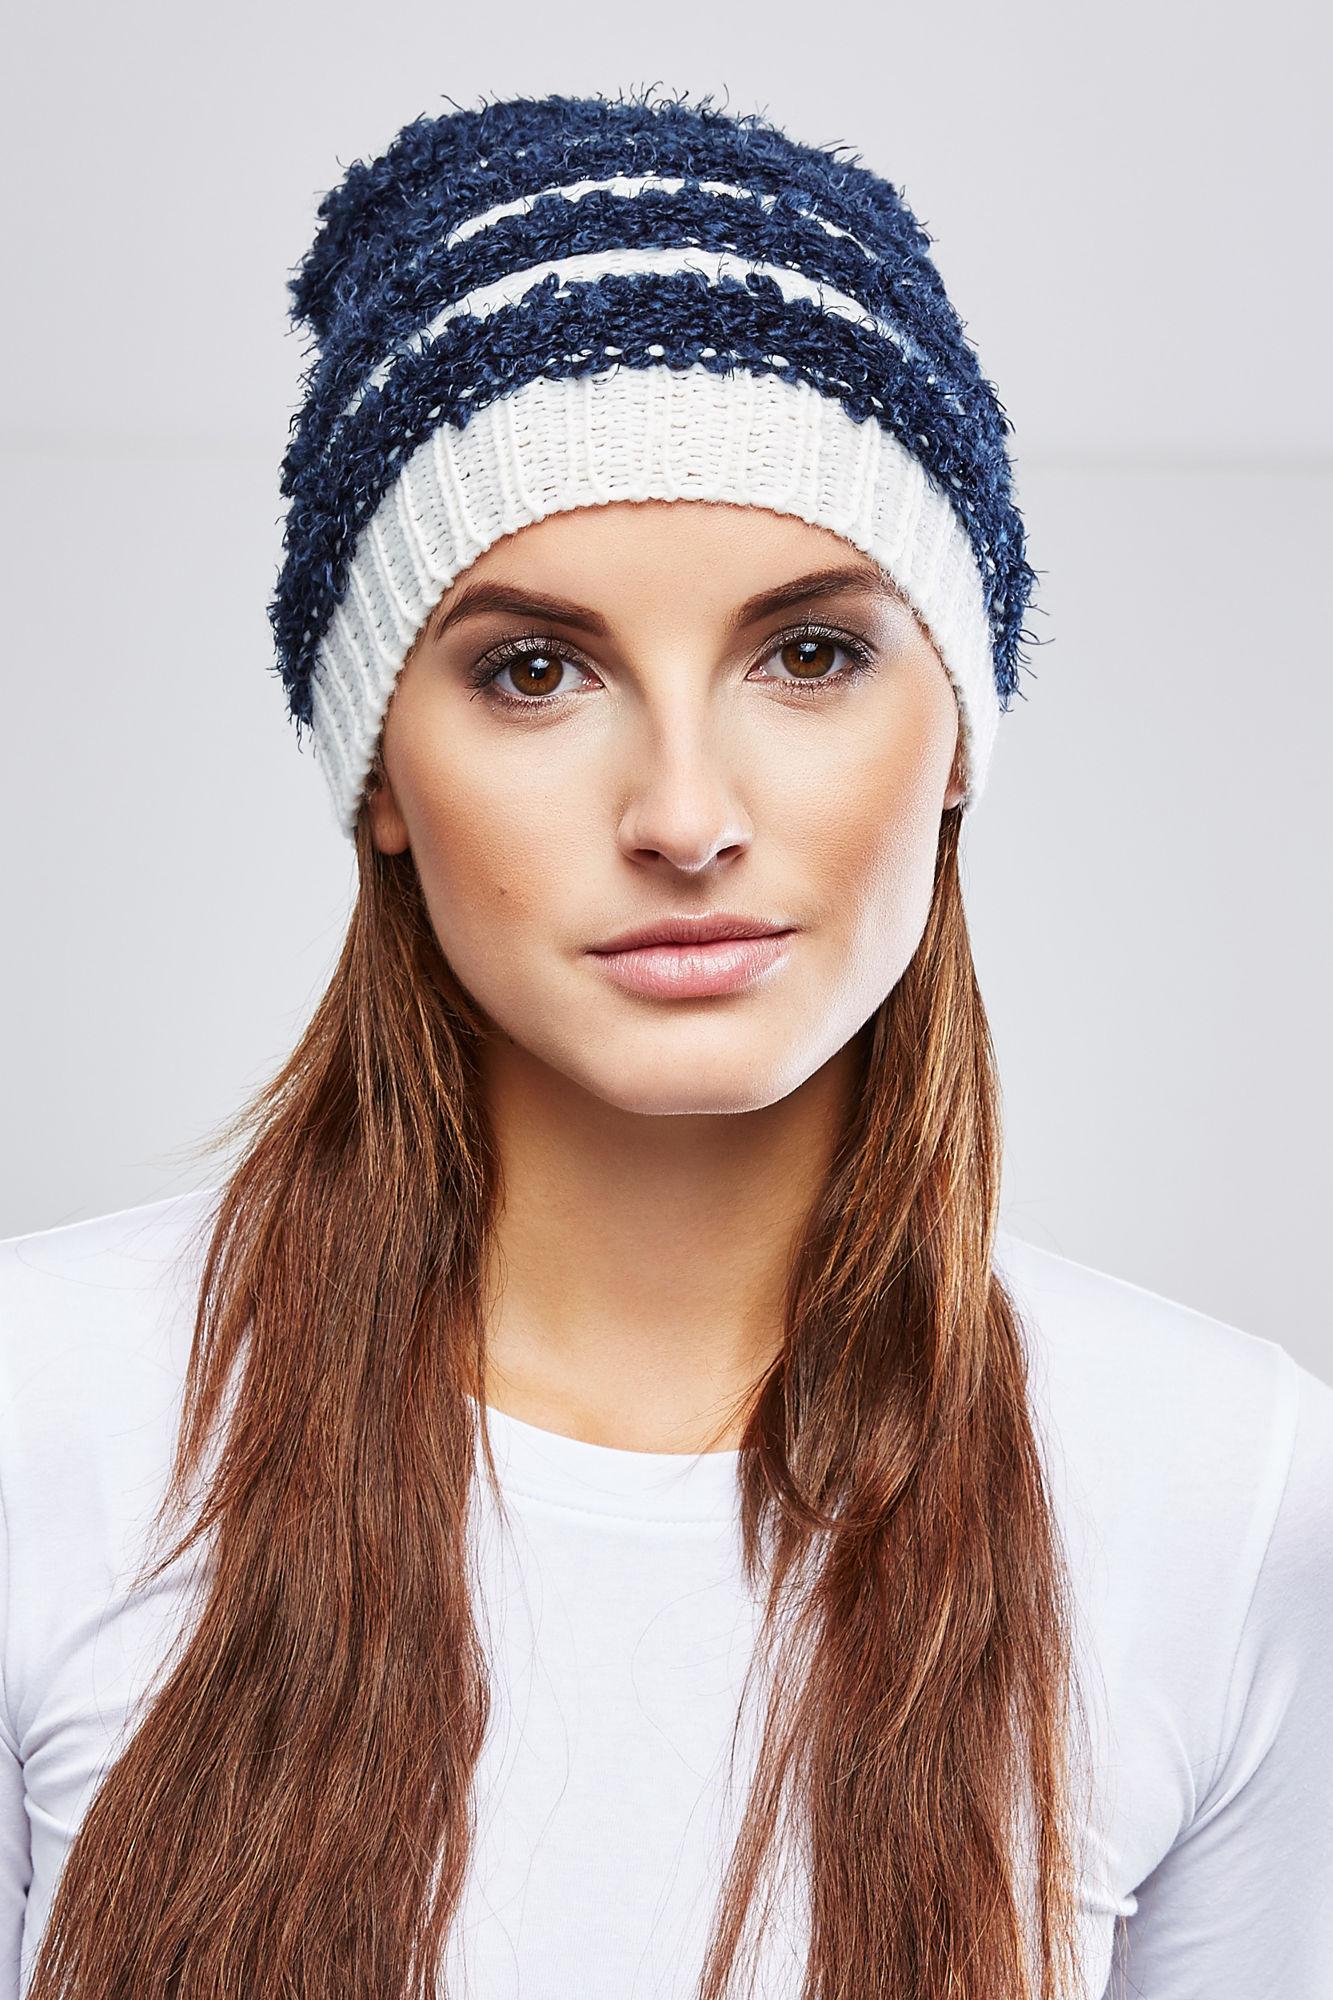 Шапка женская. Z-CZ-1808Z-CZ-1808_NAVYВязаная женская шапка Moodo отлично подойдет для вас в прохладную погоду. Изготовленная из акрила с добавлением полиэстера, она очень мягкая и приятная на ощупь, максимально удерживает тепло. Благодаря эластичной вязке, шапочка плотно облегает голову. Удлиненная модель шапки в полоску идеально подходит для любого типа лица и никогда не выходит из моды. Такой стильный и теплый аксессуар подчеркнет ваш образ и индивидуальность!